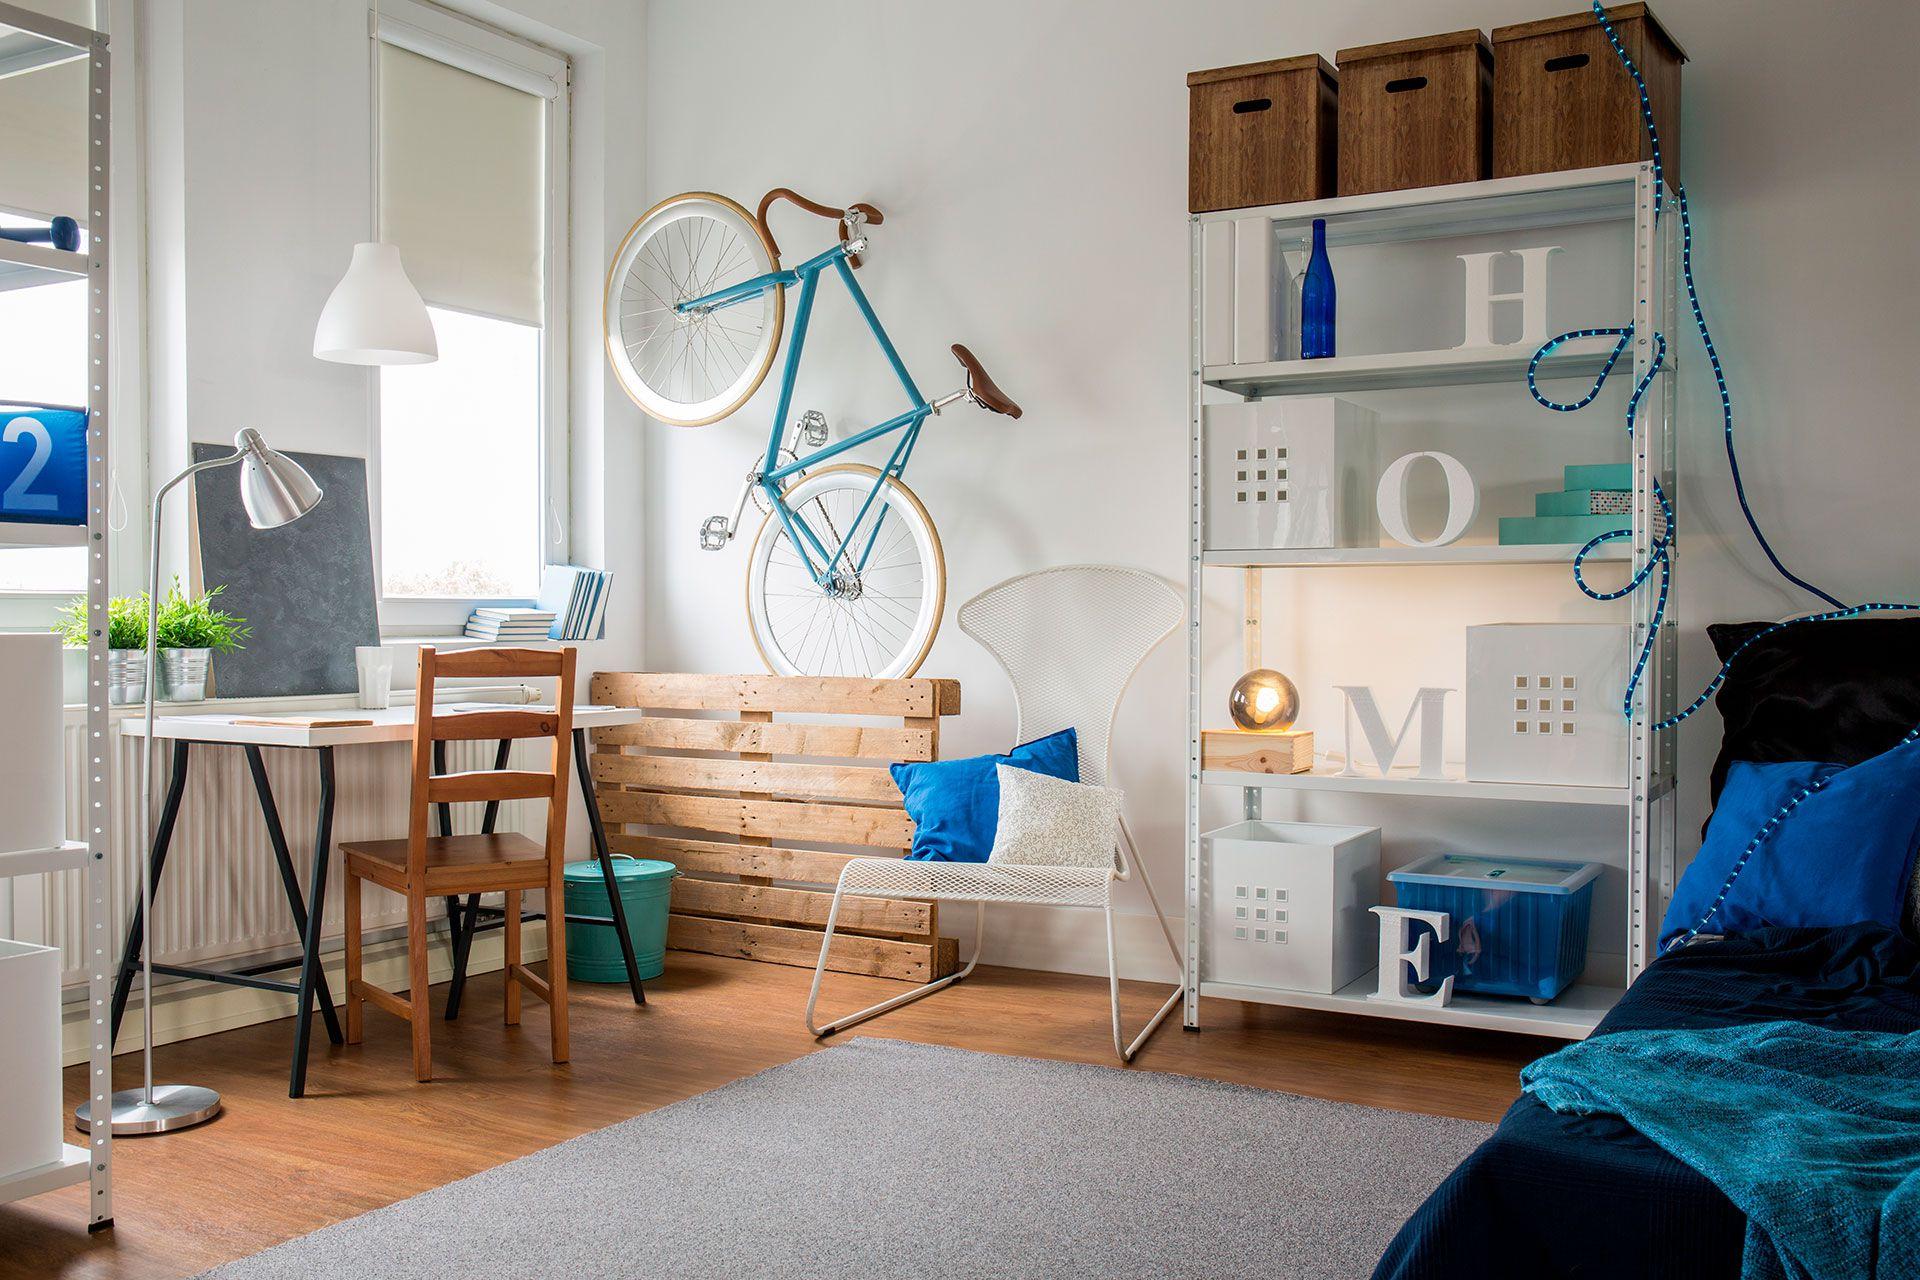 Los edificios de micro-departamentos están ubicados en zonas próximas a avenidas y medios de transporte y están pensados para generar una extensión del departamento en calidad de vida con la inclusión de algunas de estas amenities (Shutterstock)